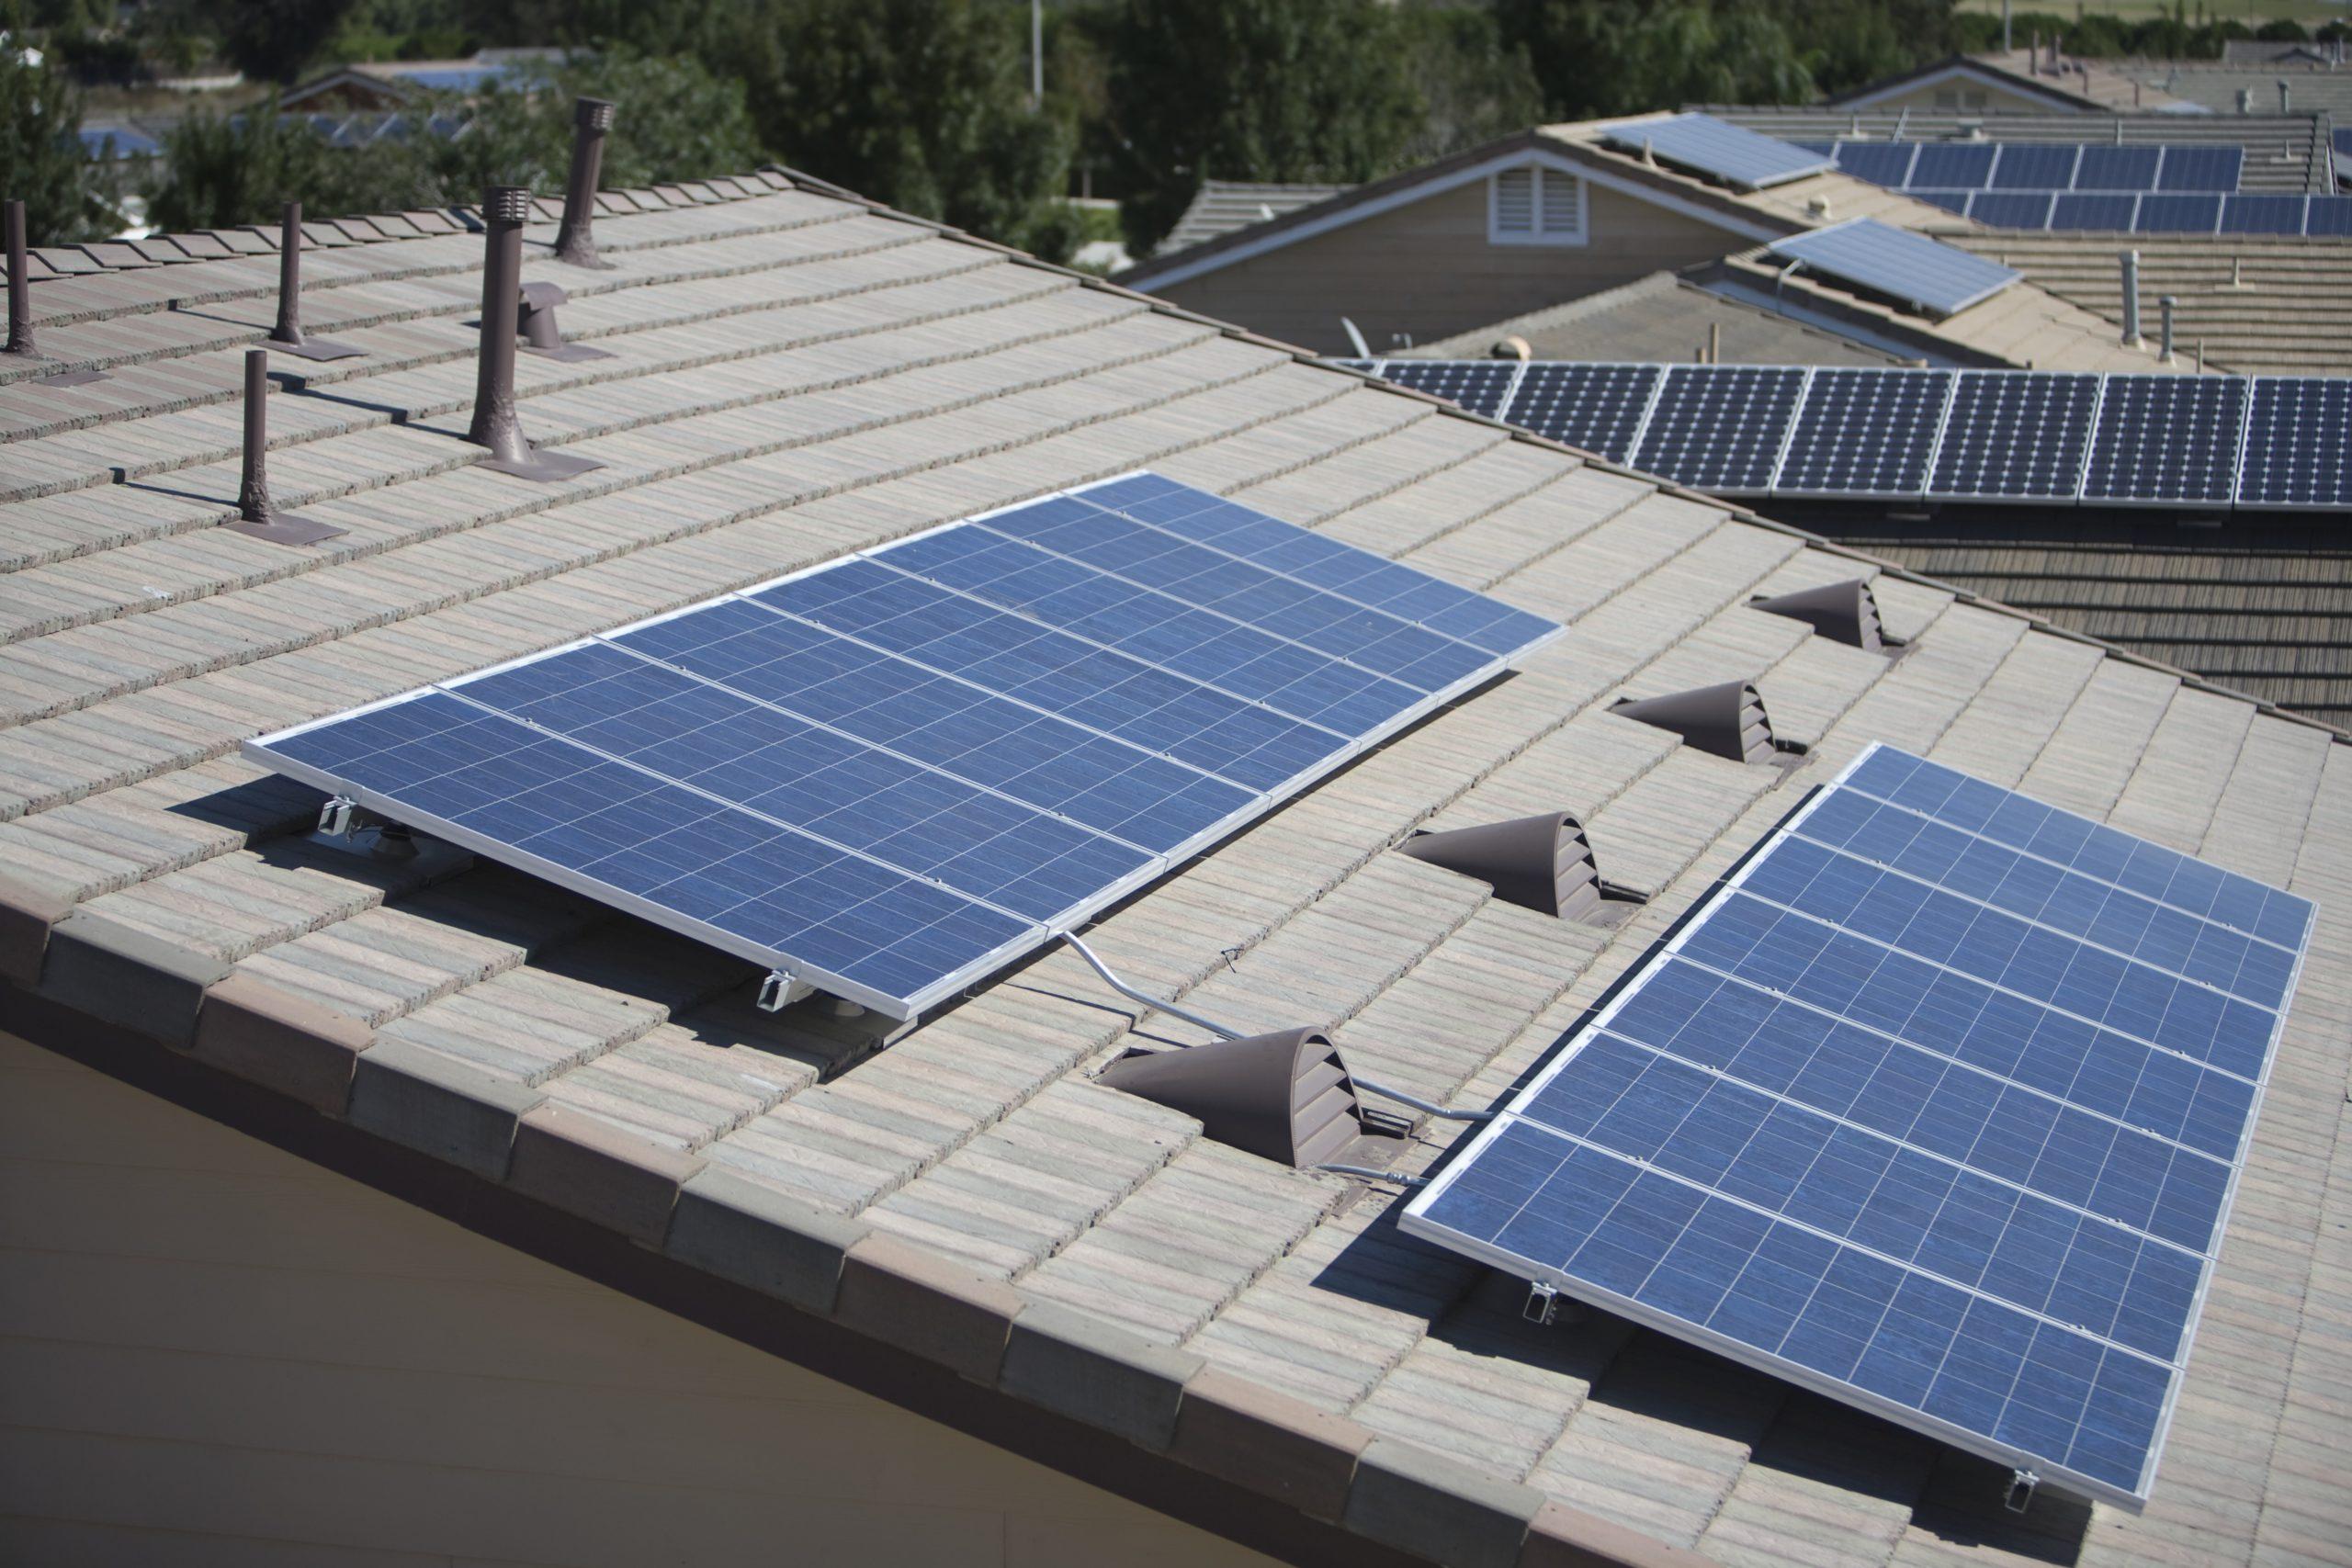 Photovoltaikanlagen sind von den deutschen Dächern nicht mehr wegzudenken.